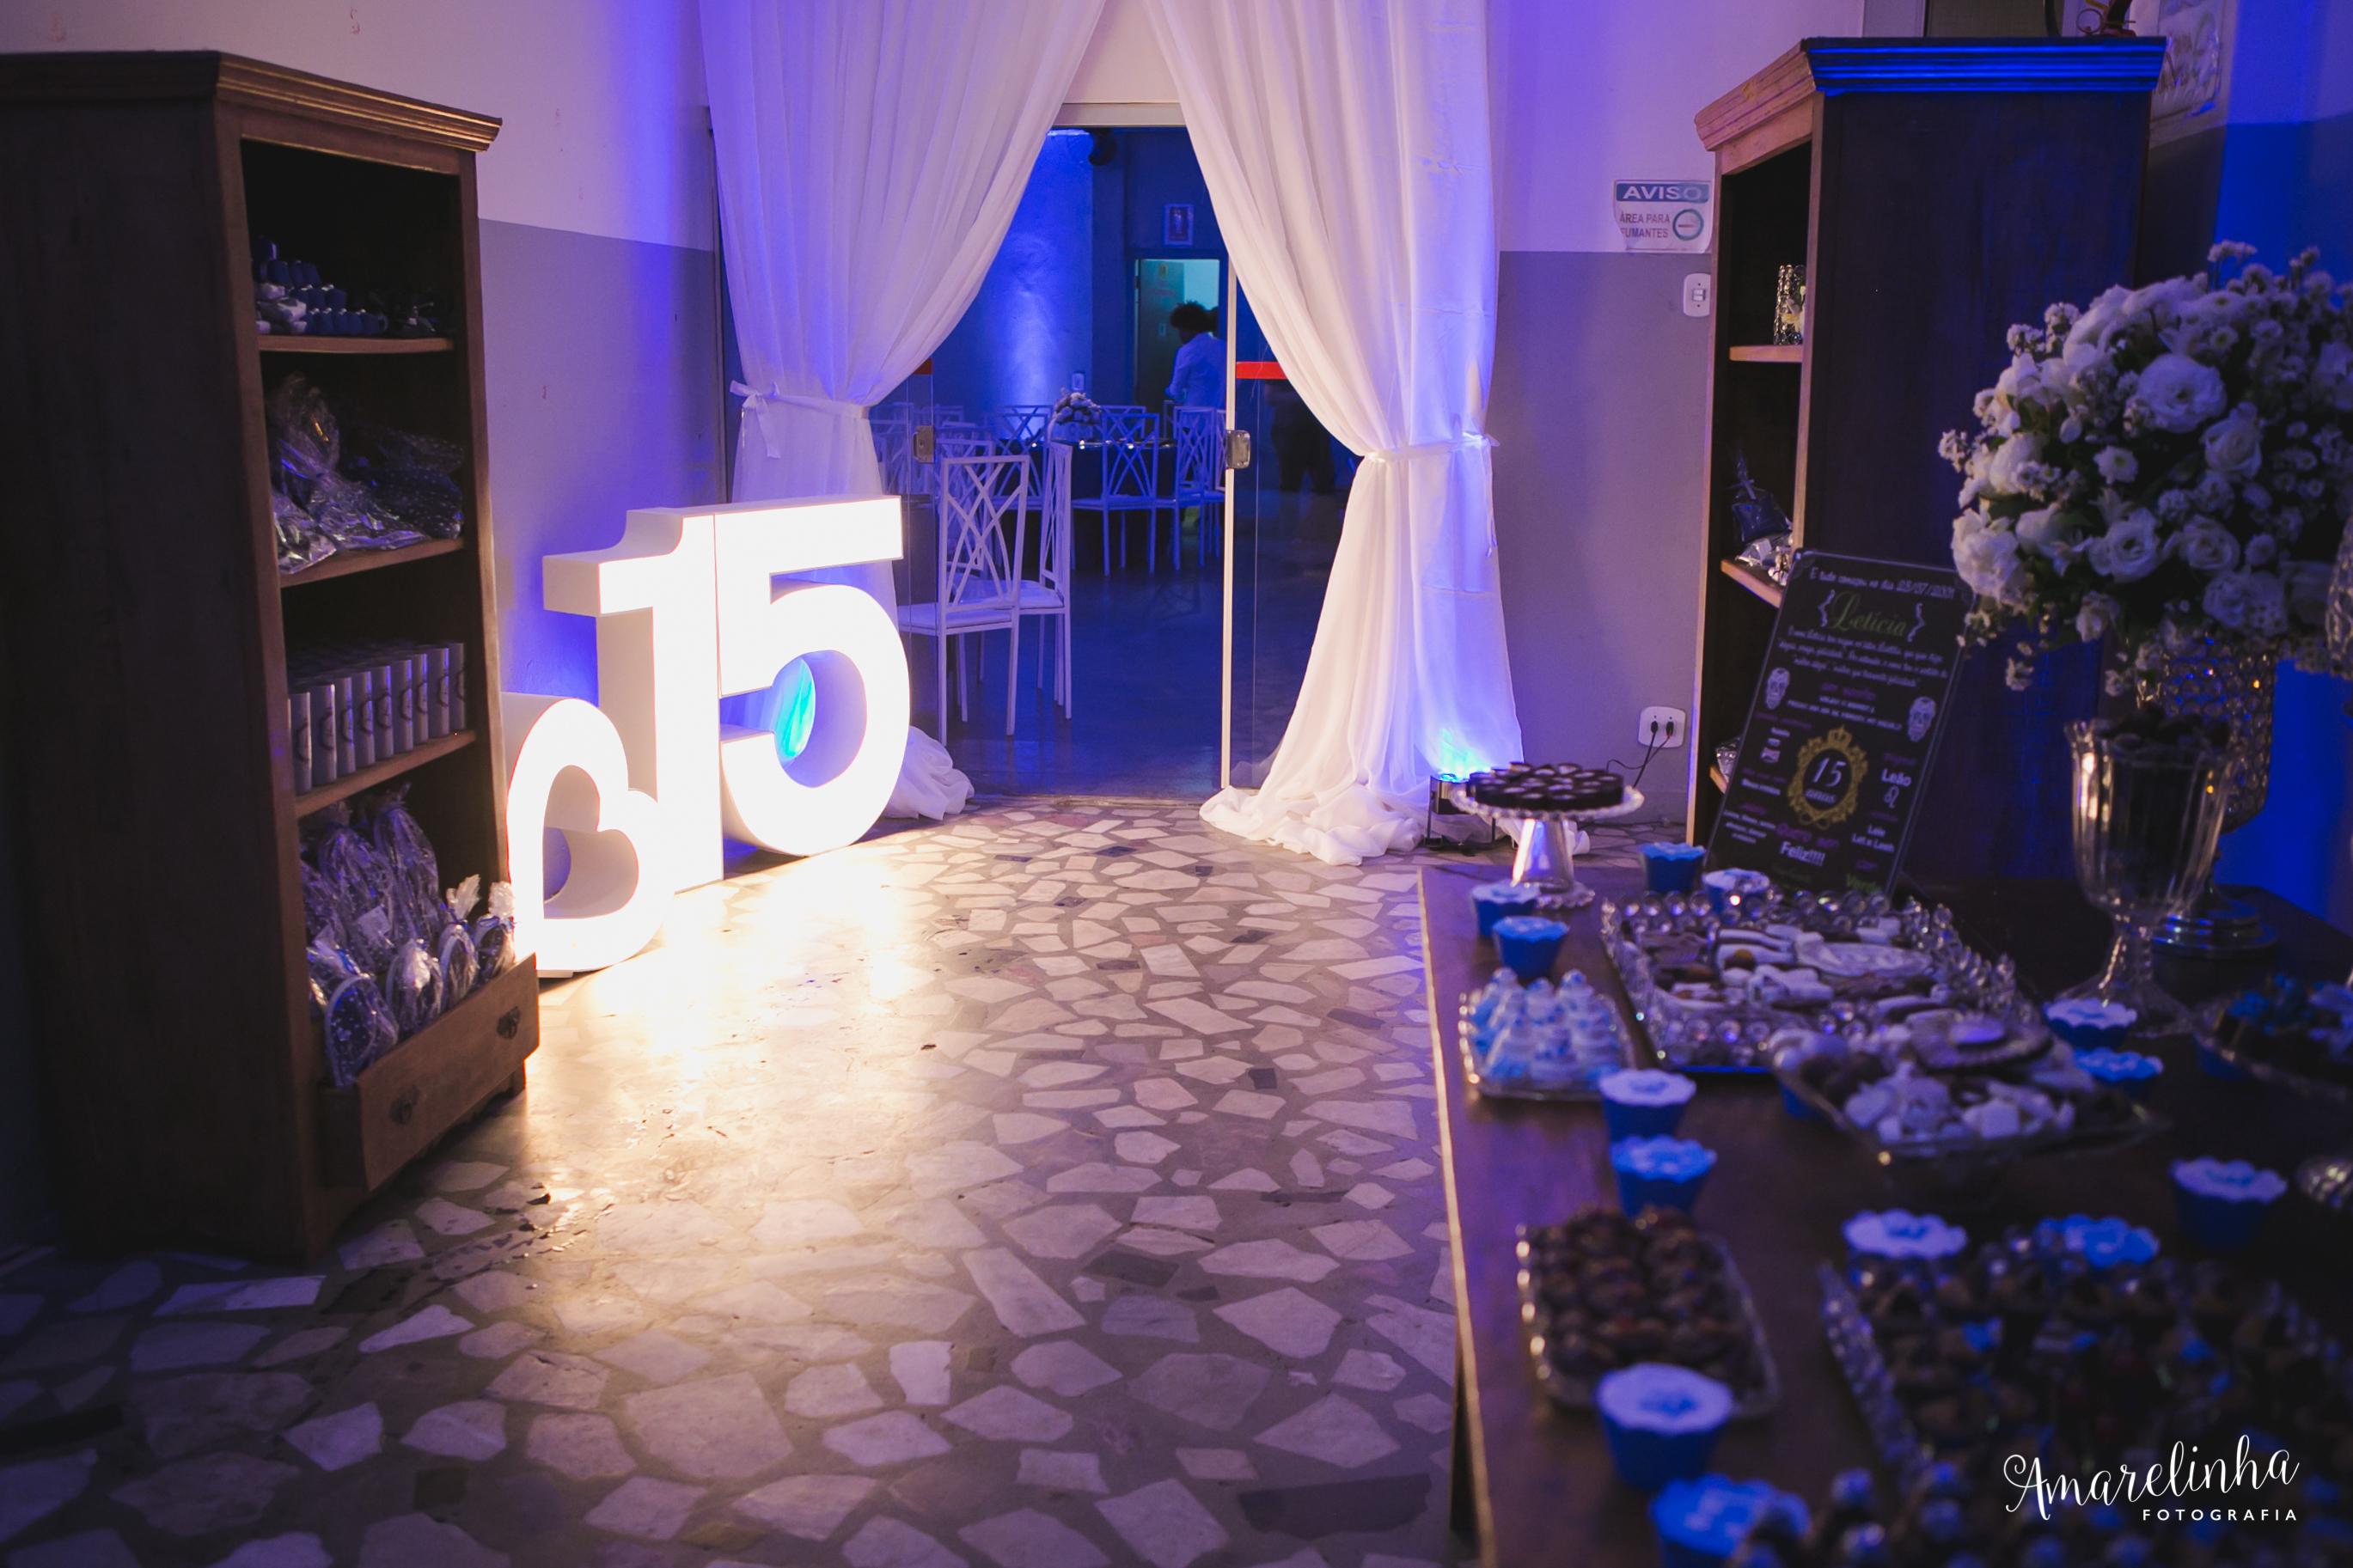 fotografia_festa_de_15_anos_leticia_vaiterfestasim_letfaz15_correntedobem_rio_de_janeiro-0474